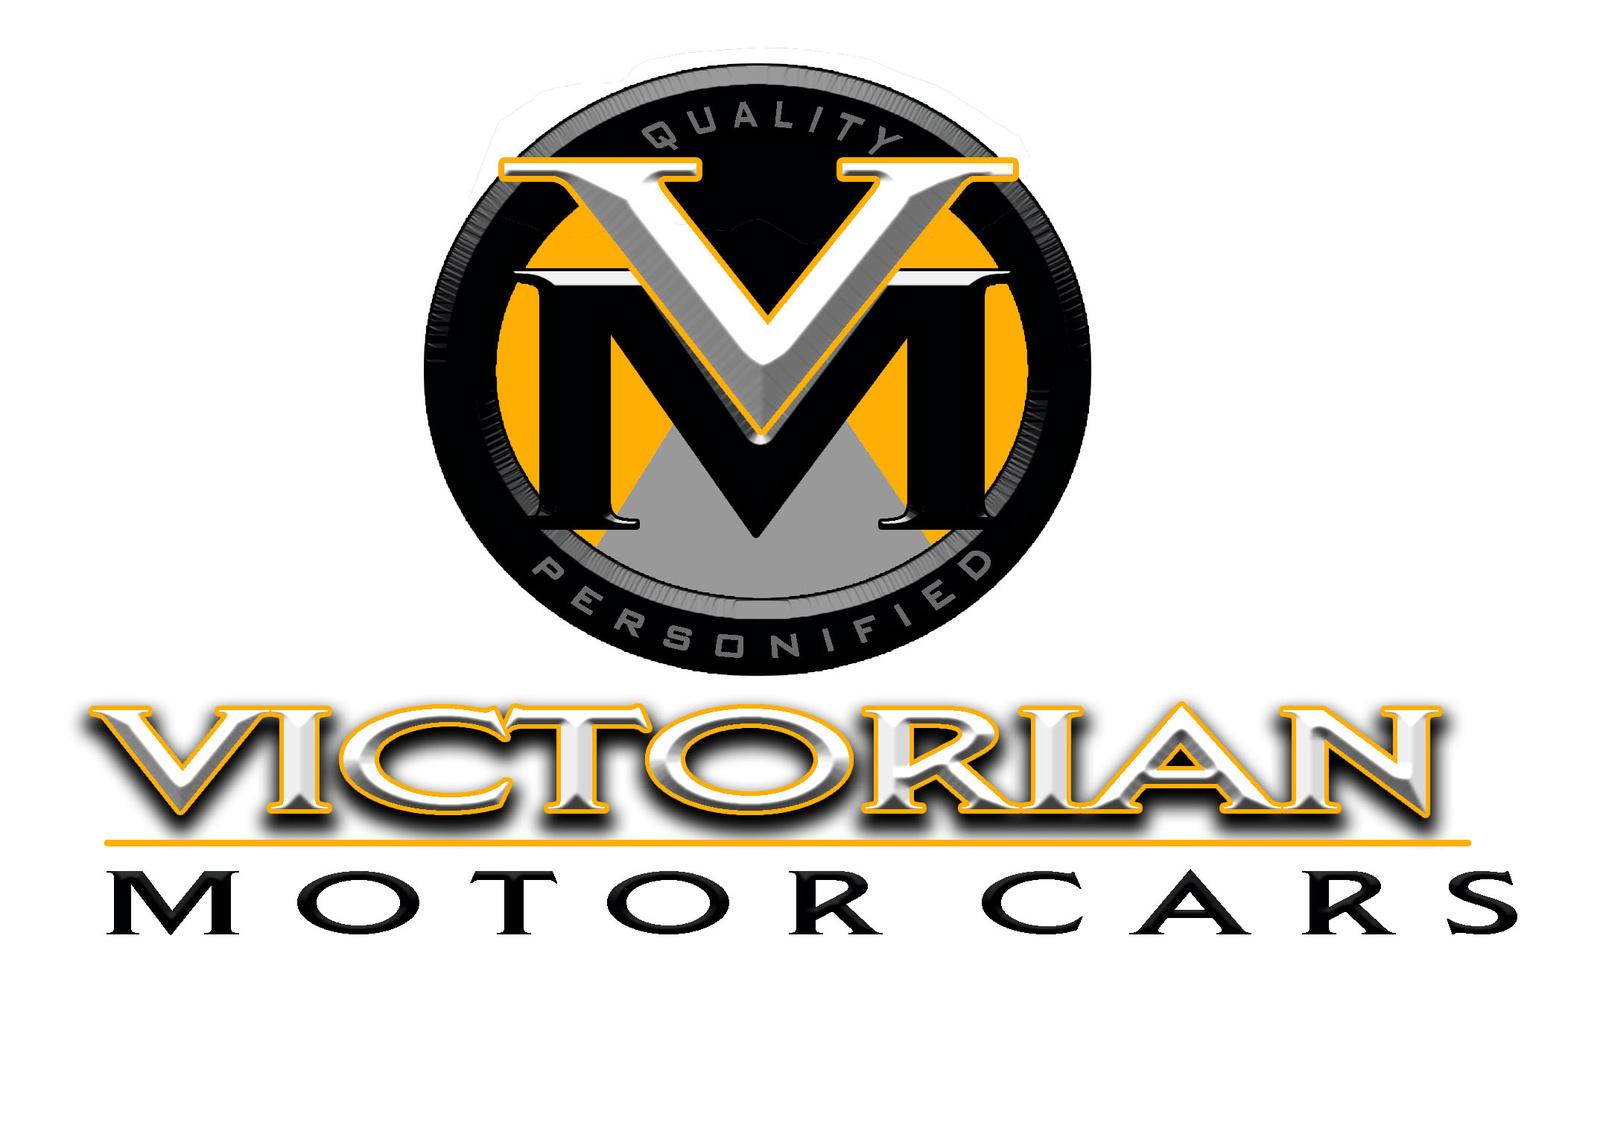 Victorian Motor Cars Llc Yorba Linda Ca Read Consumer